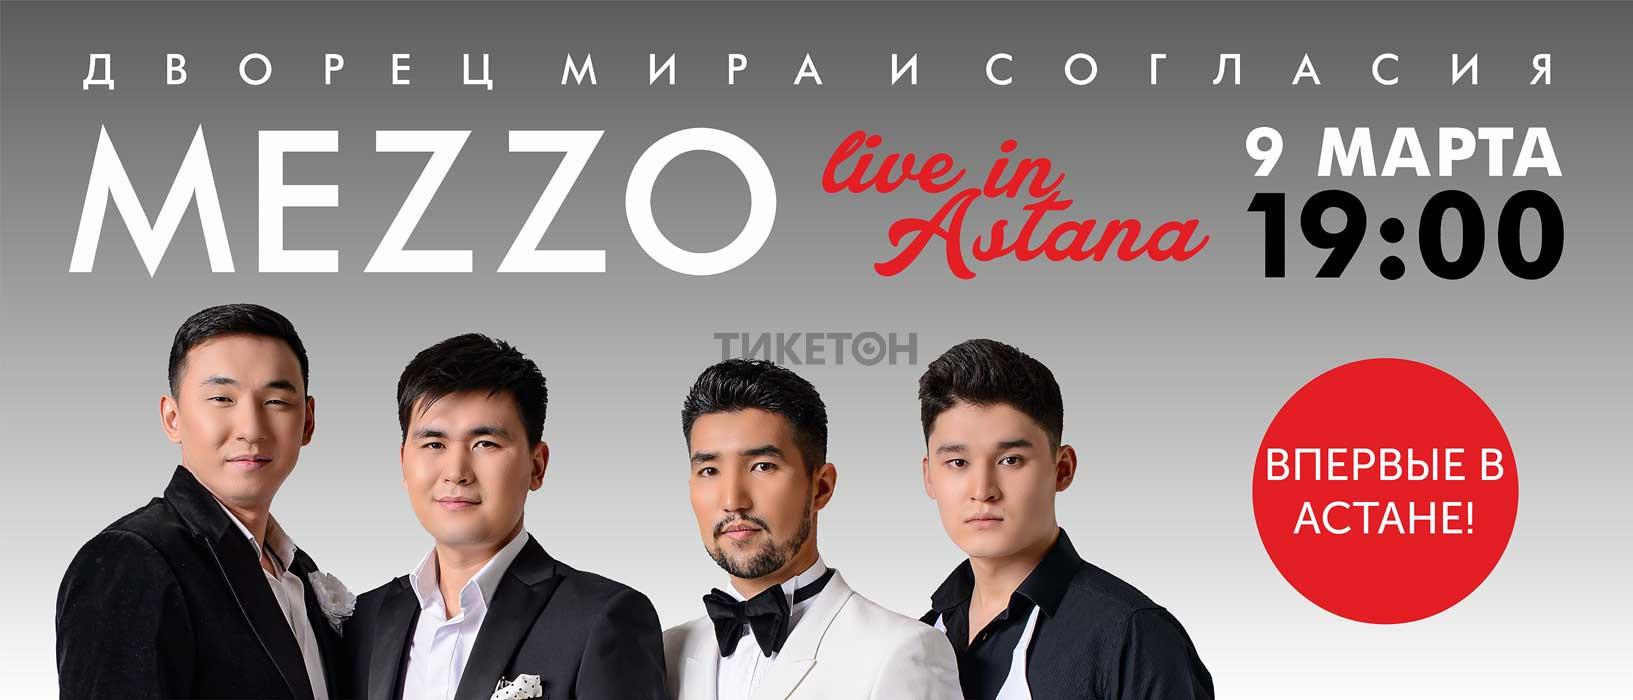 Большой концерт Mezzo в Астане